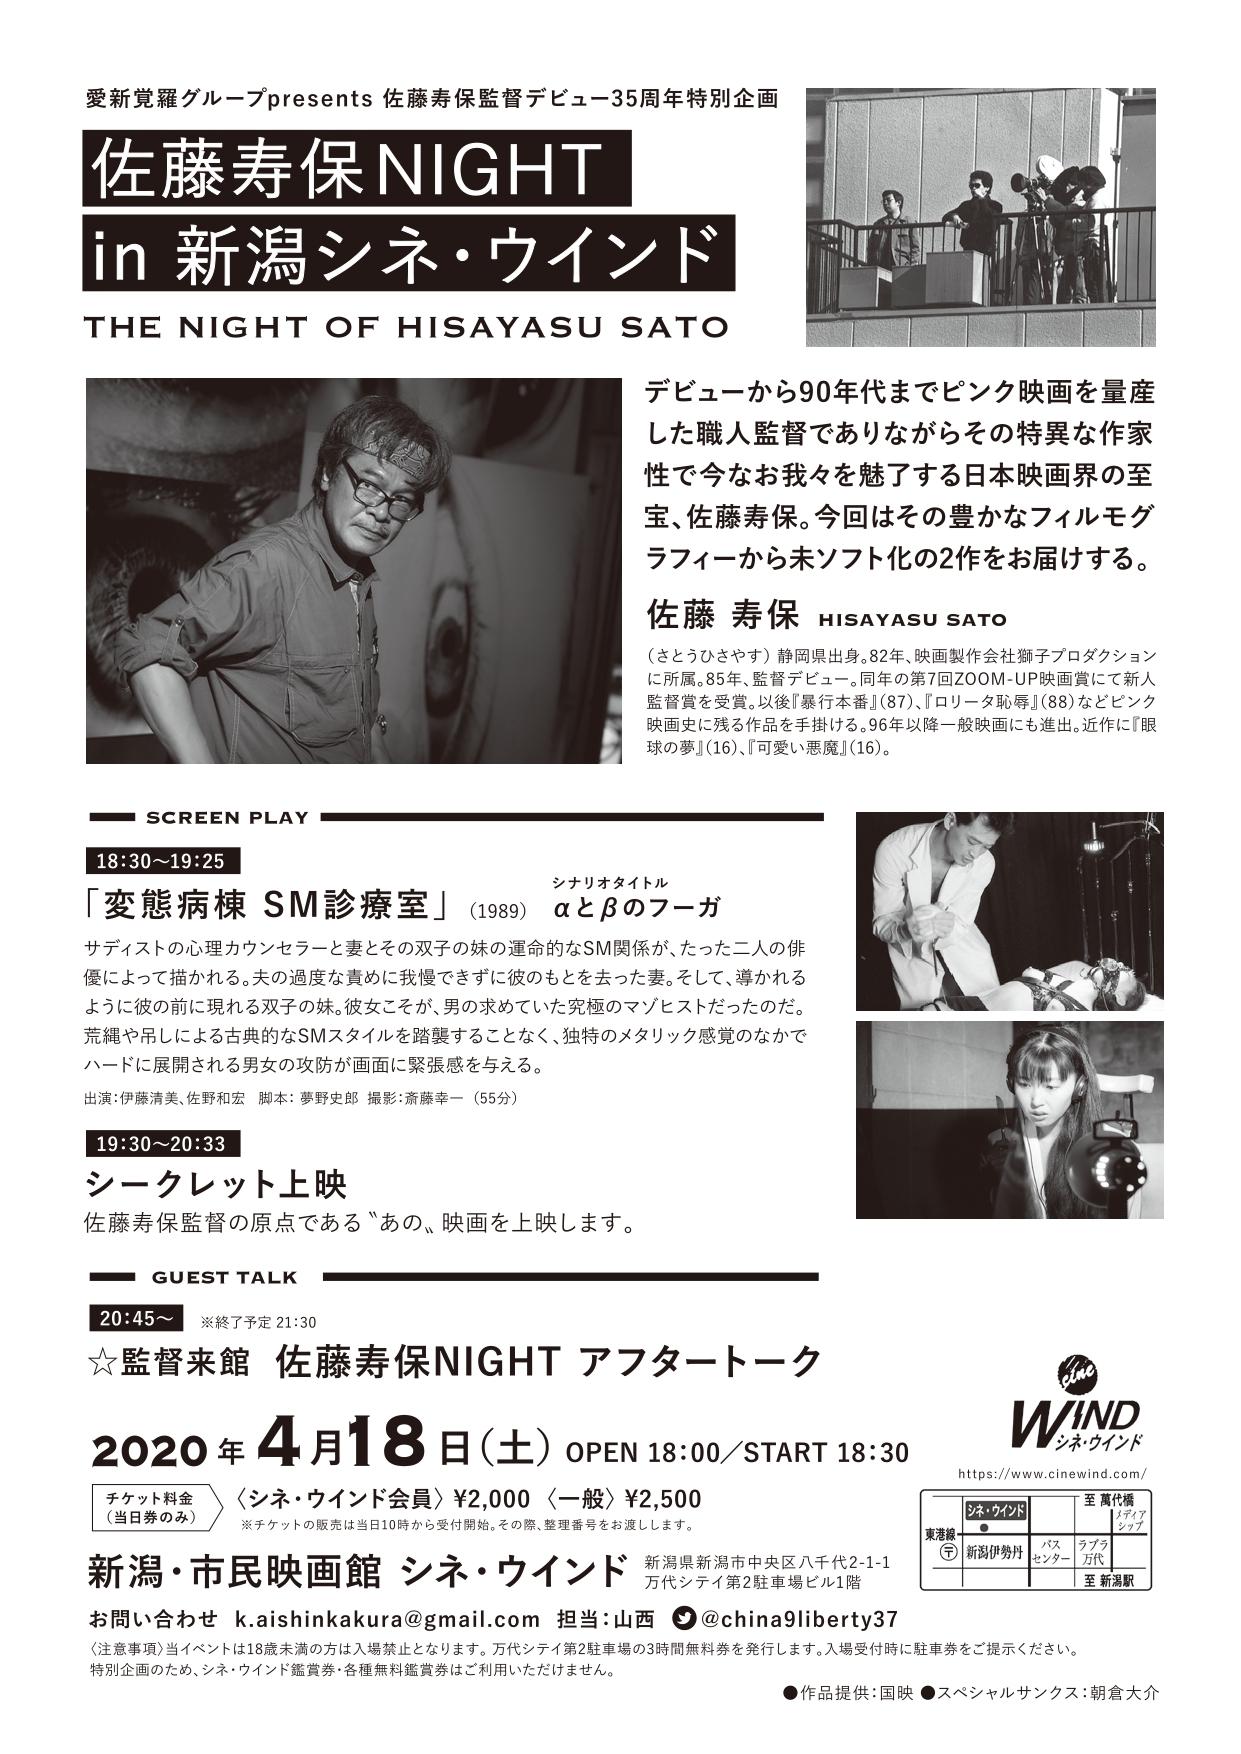 【延期】佐藤寿保NIGHT in 新潟シネ・ウインド